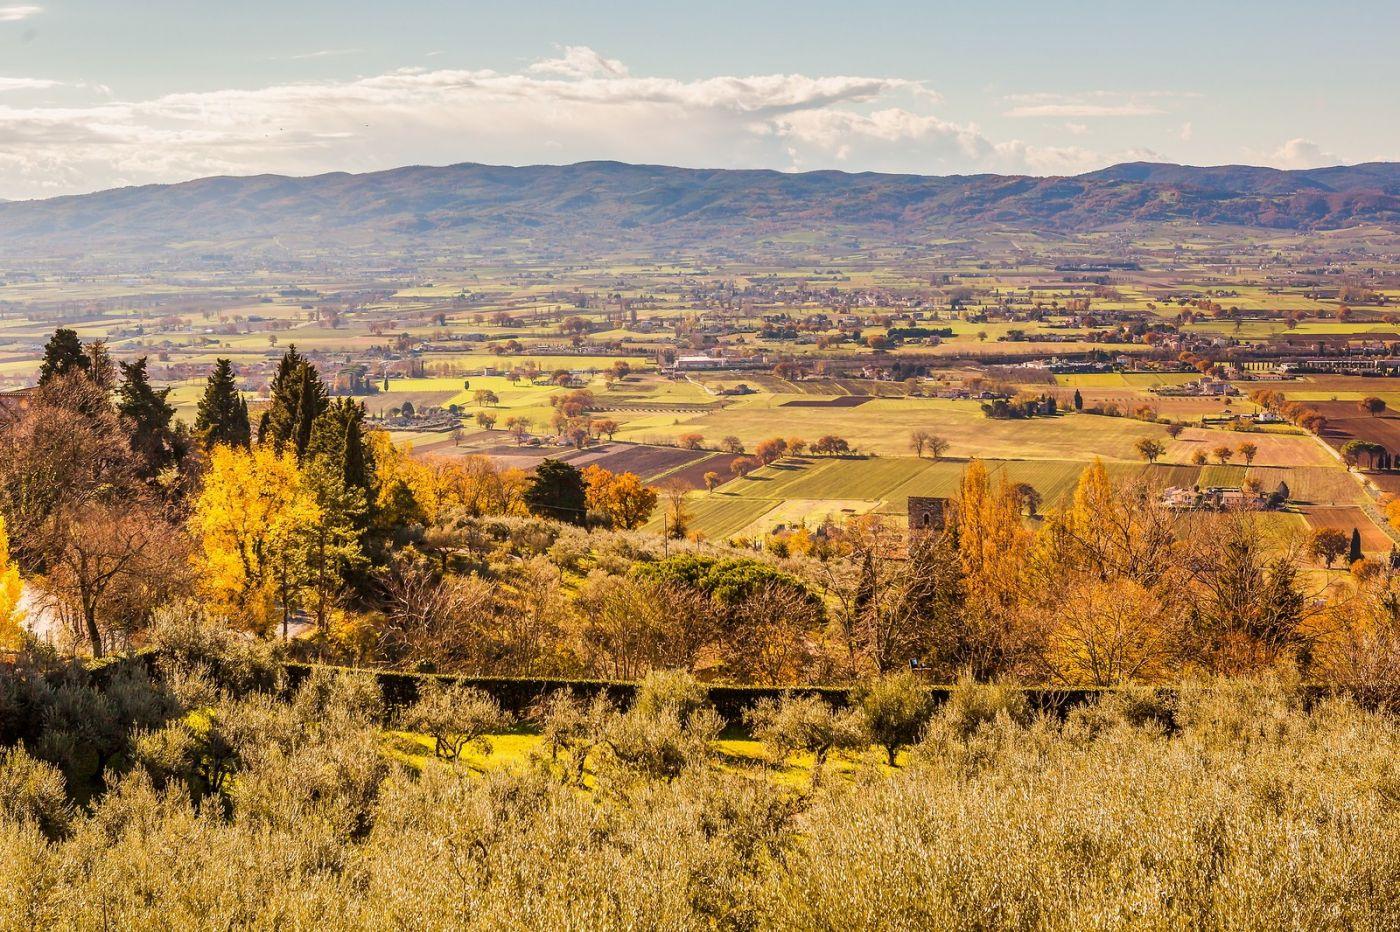 意大利阿西西(Assisi), 登高放眼_图1-4